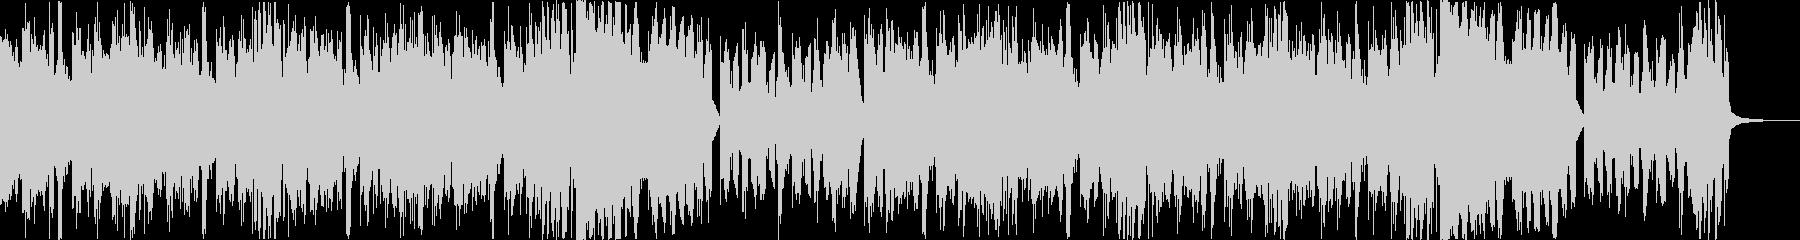 スタイリッシュ・アグレッシブエレクトロeの未再生の波形